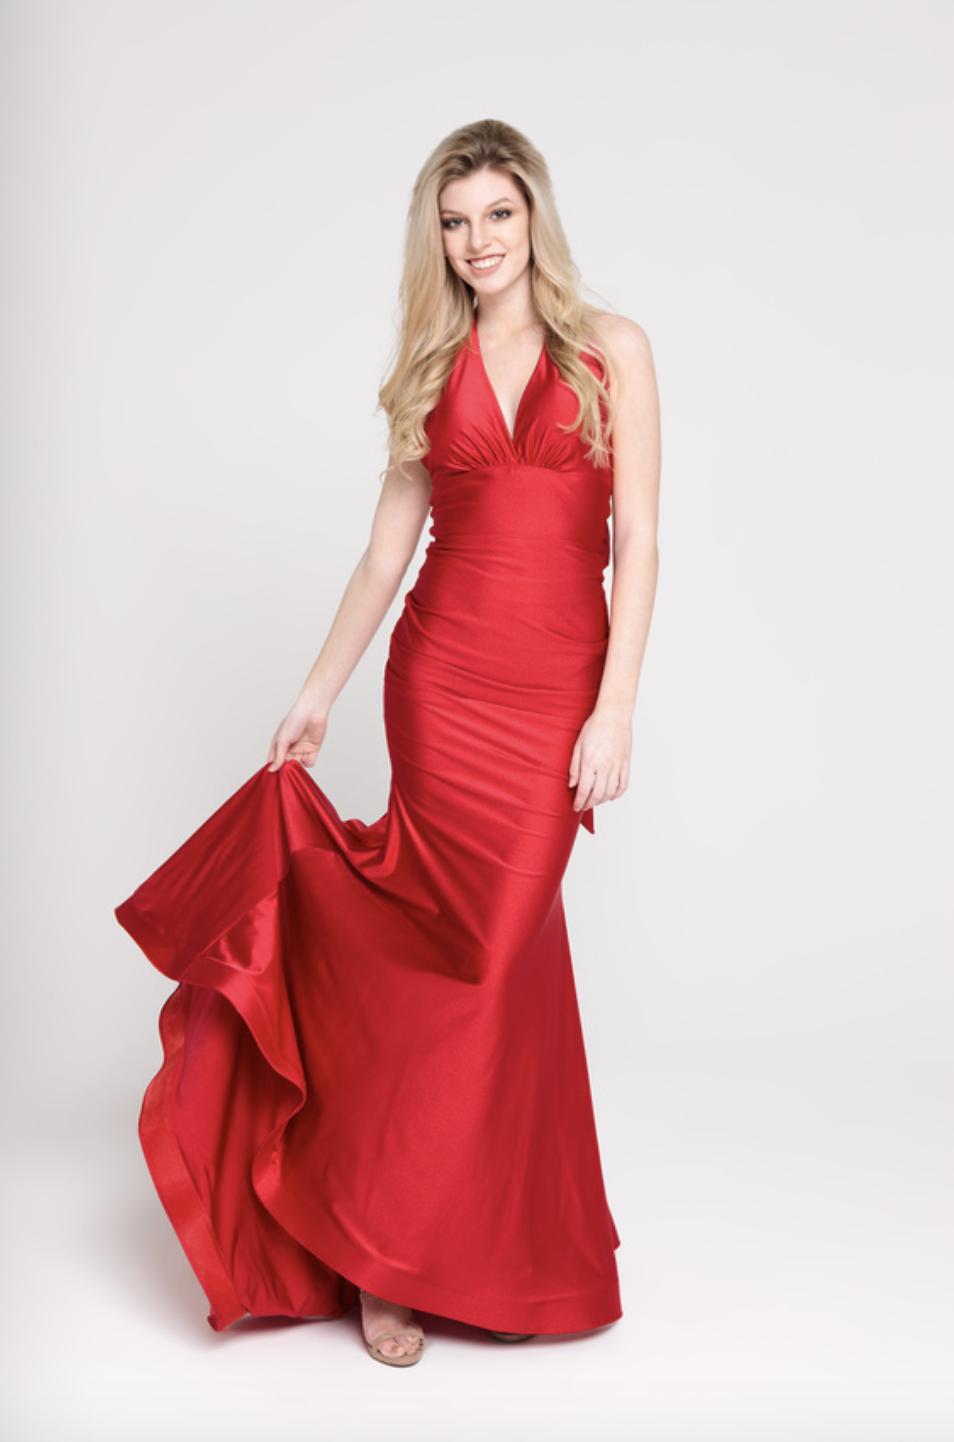 Jessica Angel's dresses